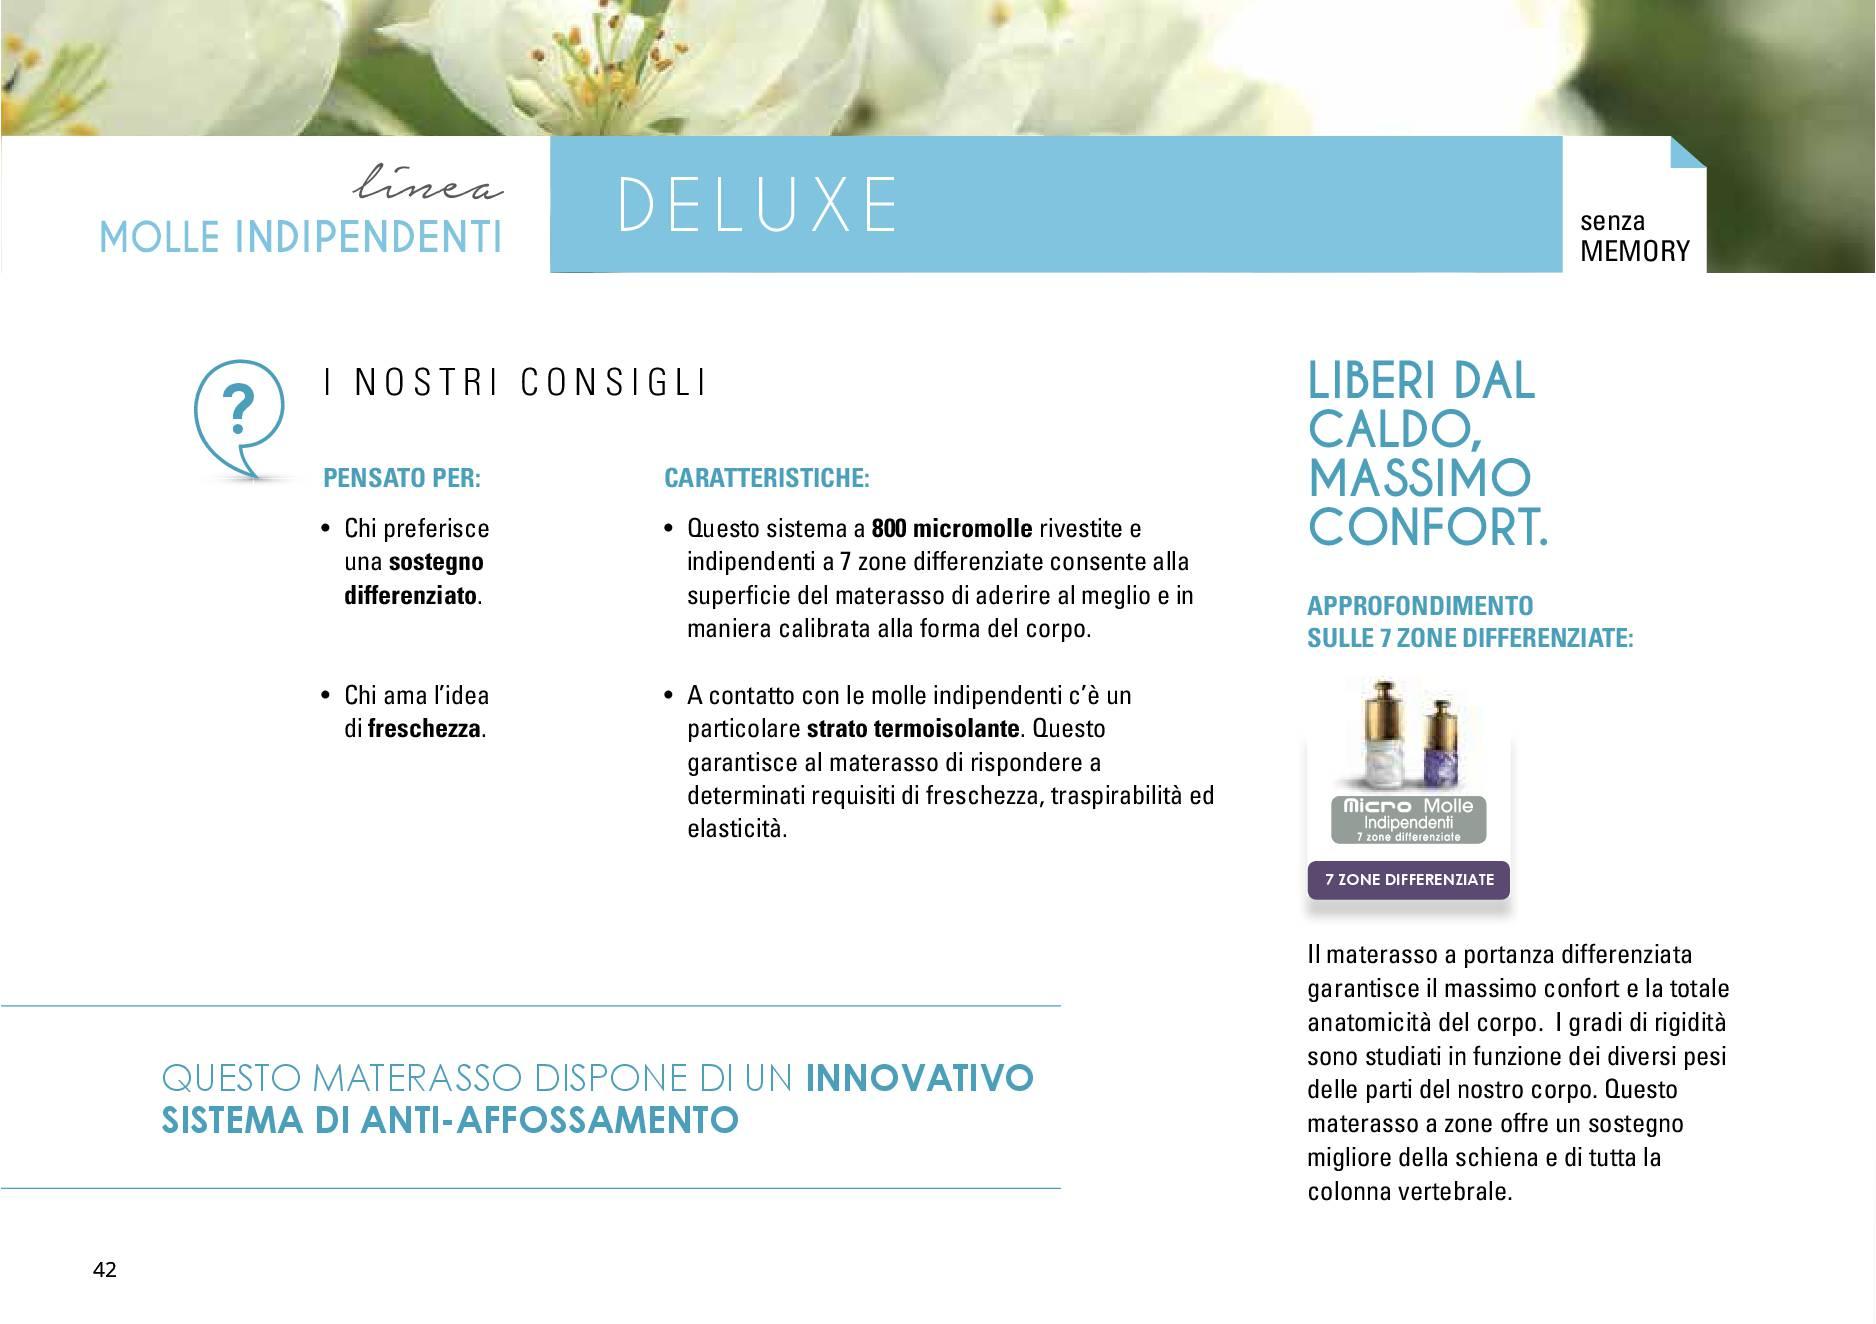 Centro Internazionale Del Materasso Sandrigo.Catalogo Prodotti Centro Del Materasso Catalogo Sfogliabile